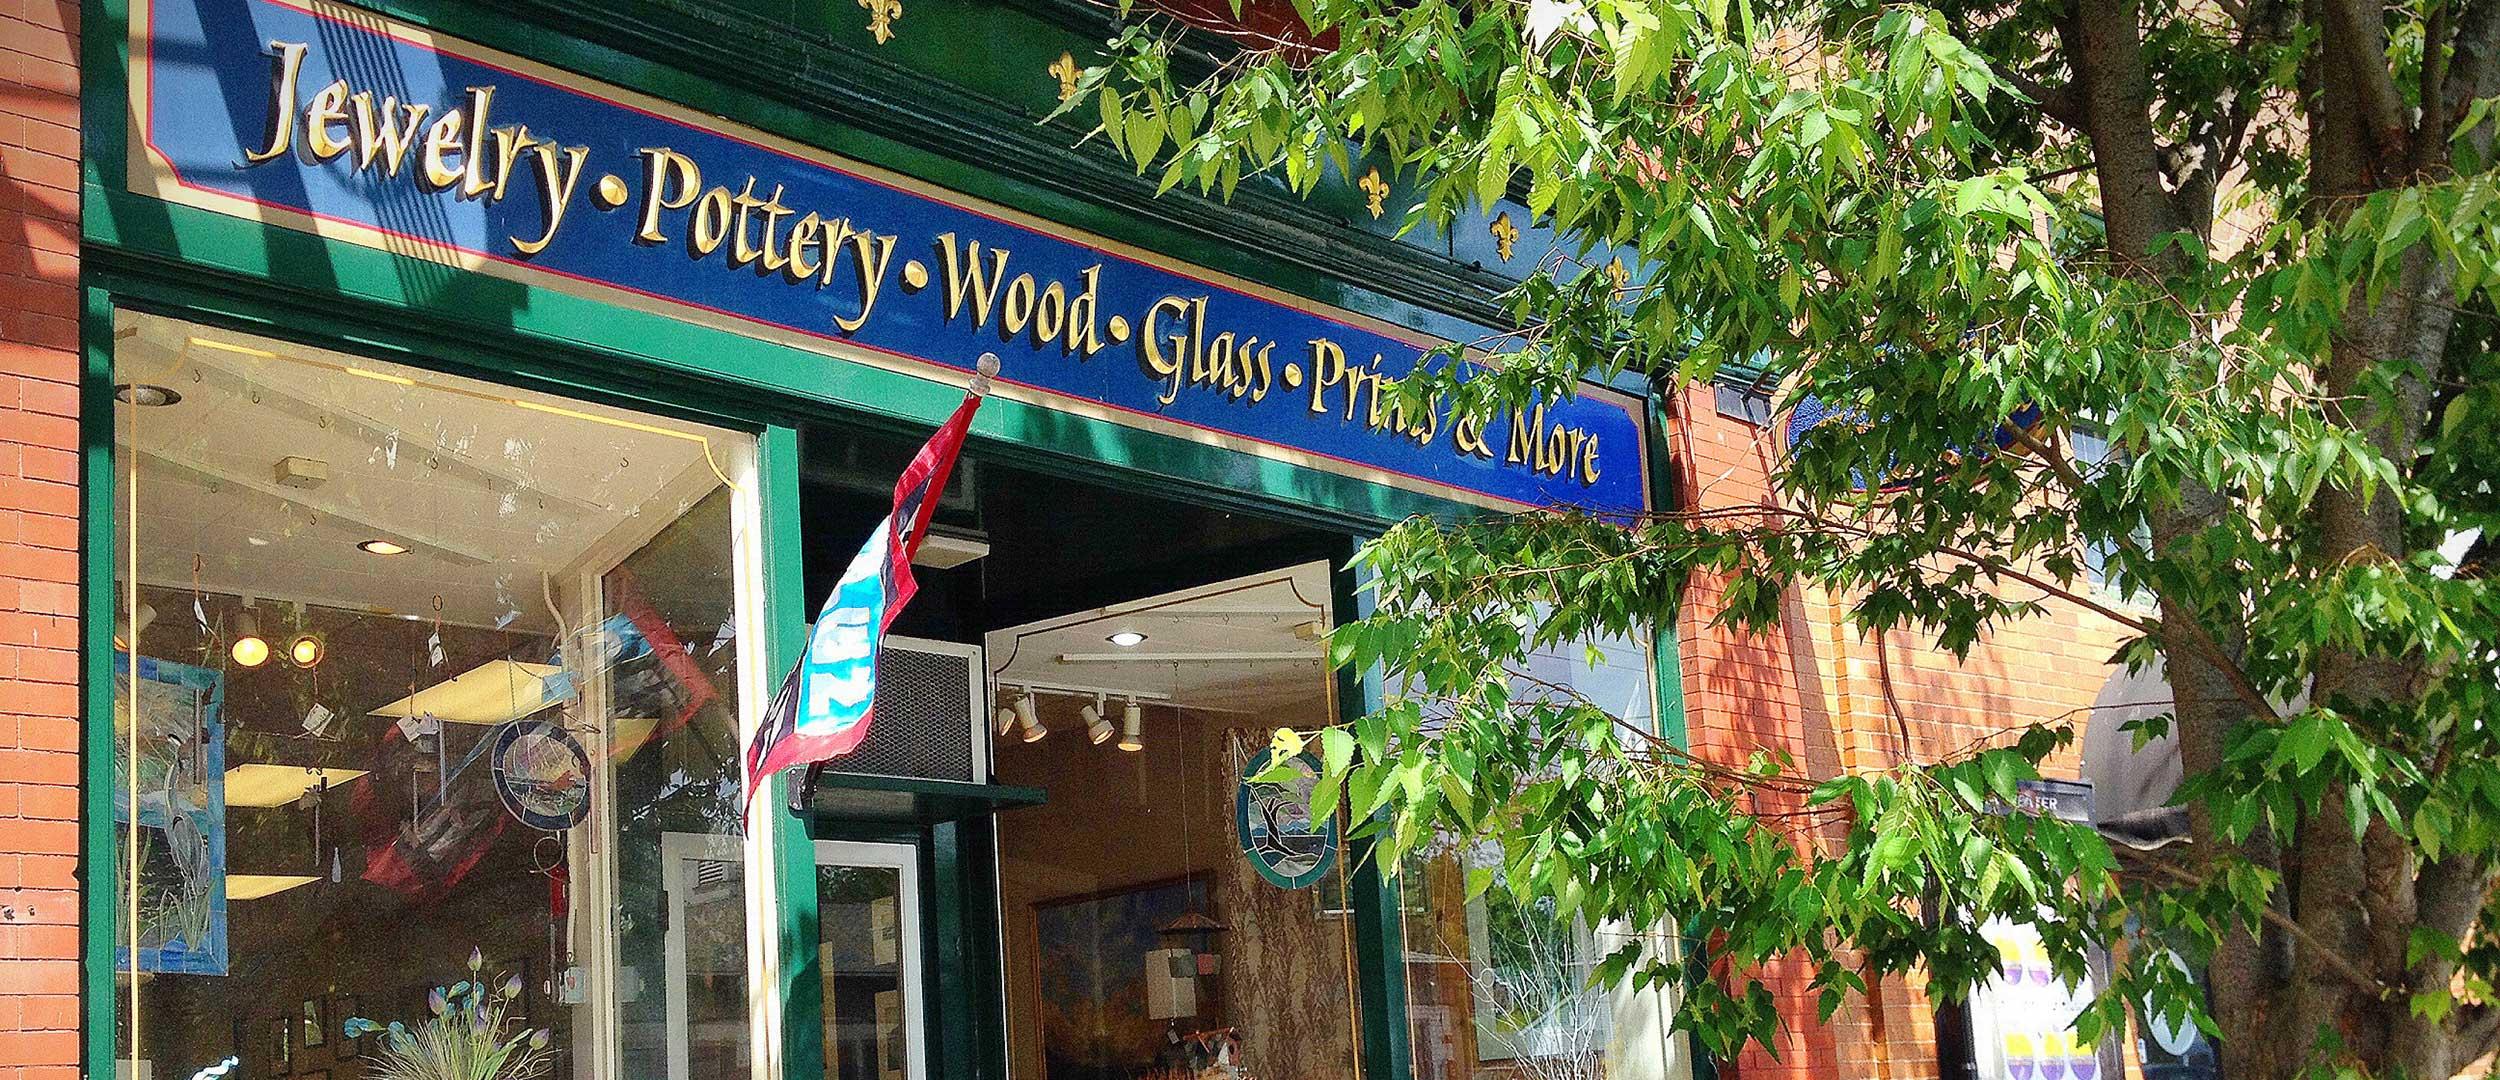 Exeter Fine Crafts Shop Front